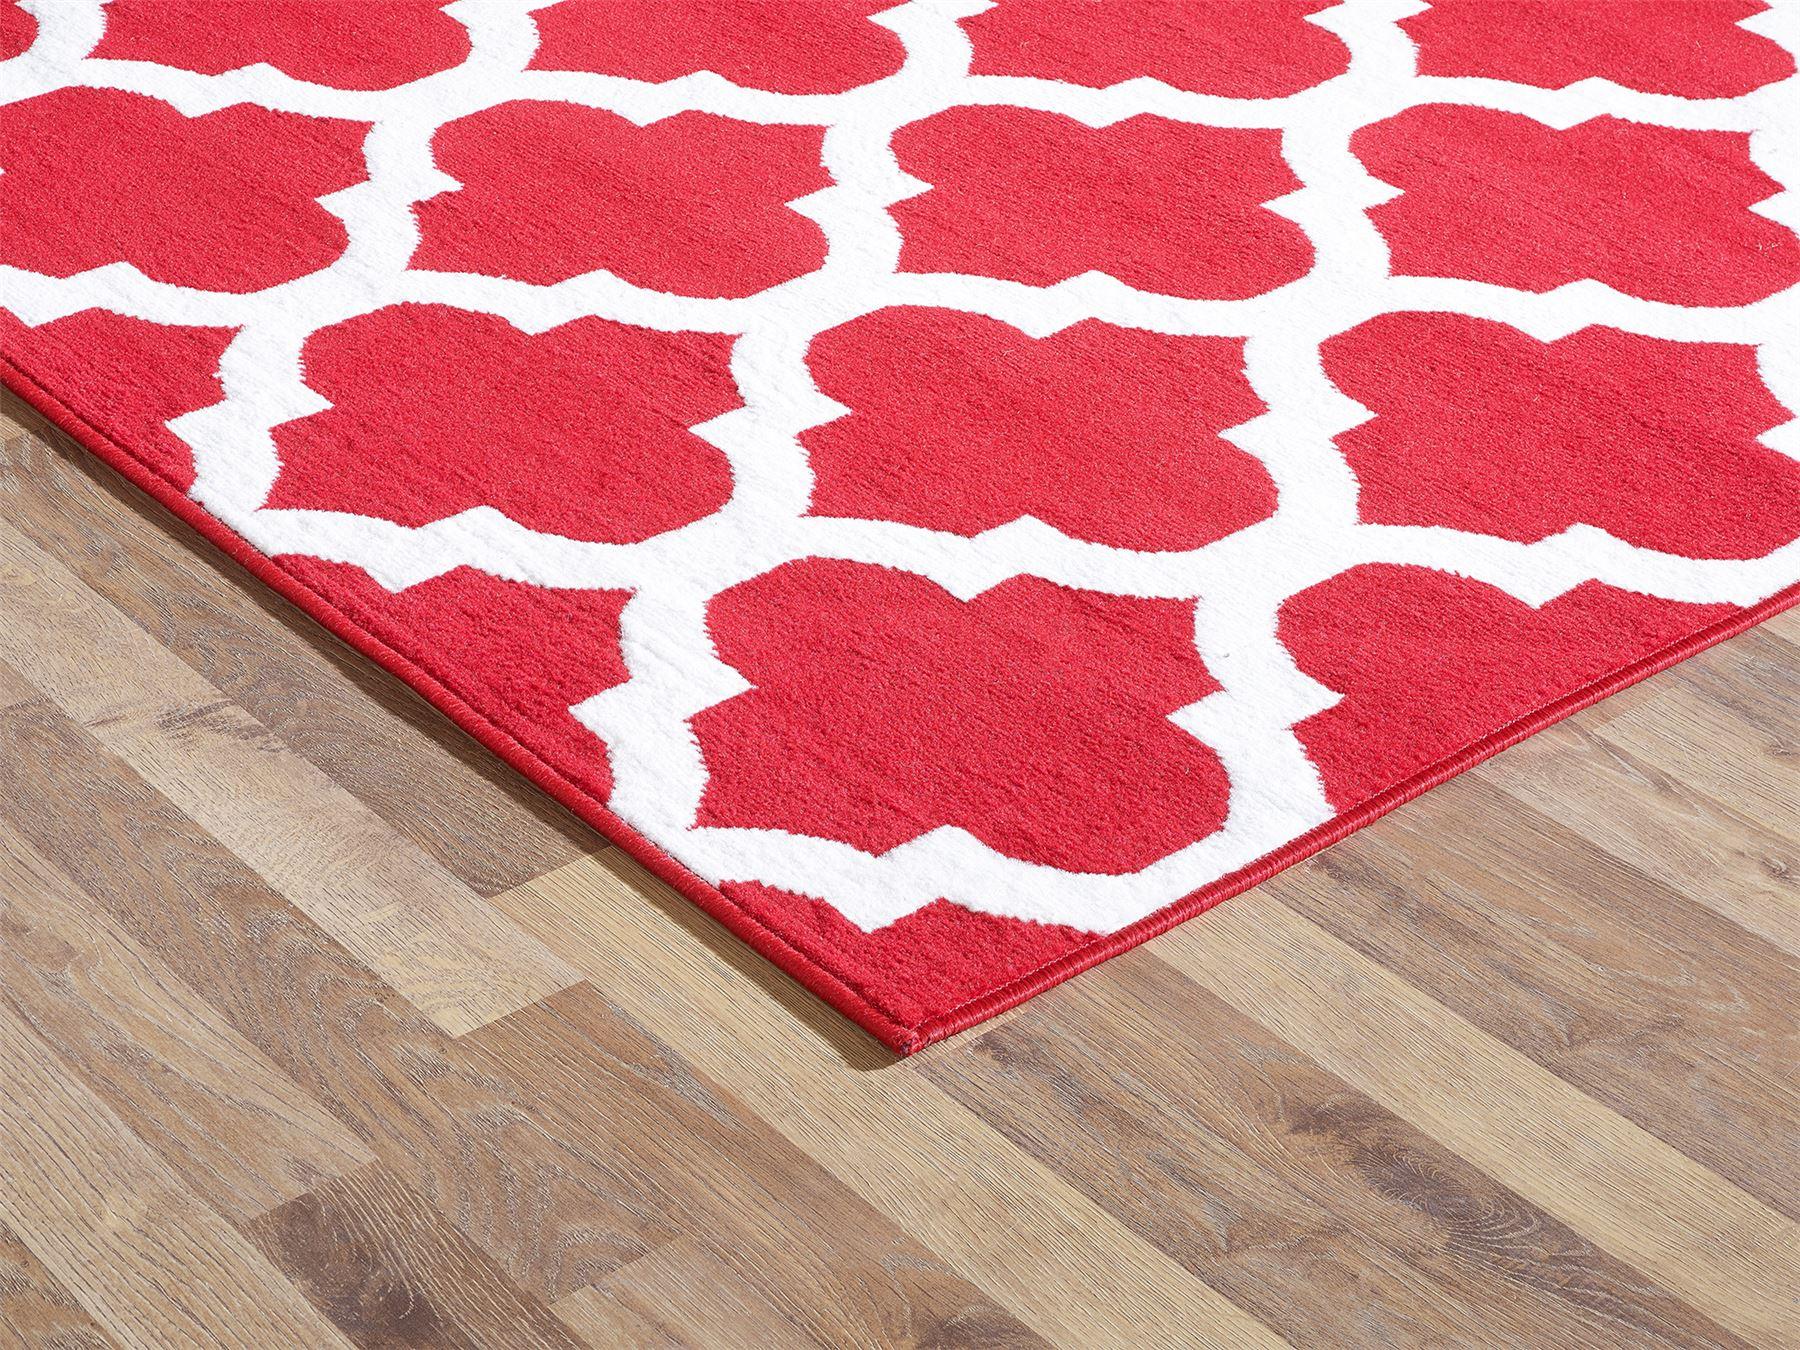 Nero-Rosso-Argento-Bianco-Viola-Moderno-Area-Tappeto-Traliccio-DESIGN-CUCINA-outdoorrug miniatura 18